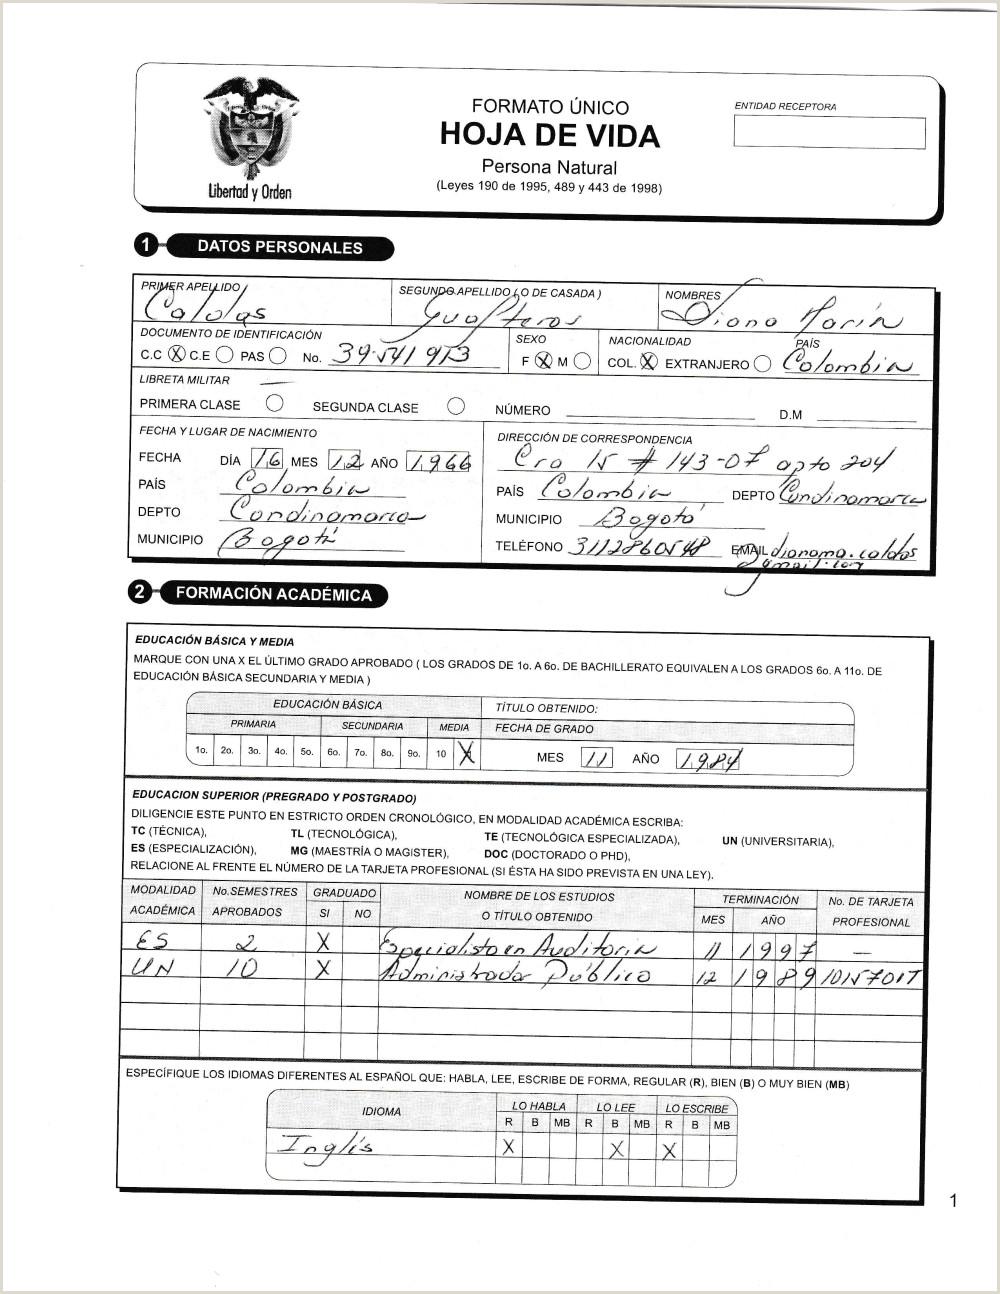 Formato Unico De Hoja De Vida Funcion Publica Documentos Funci³n Pºblica